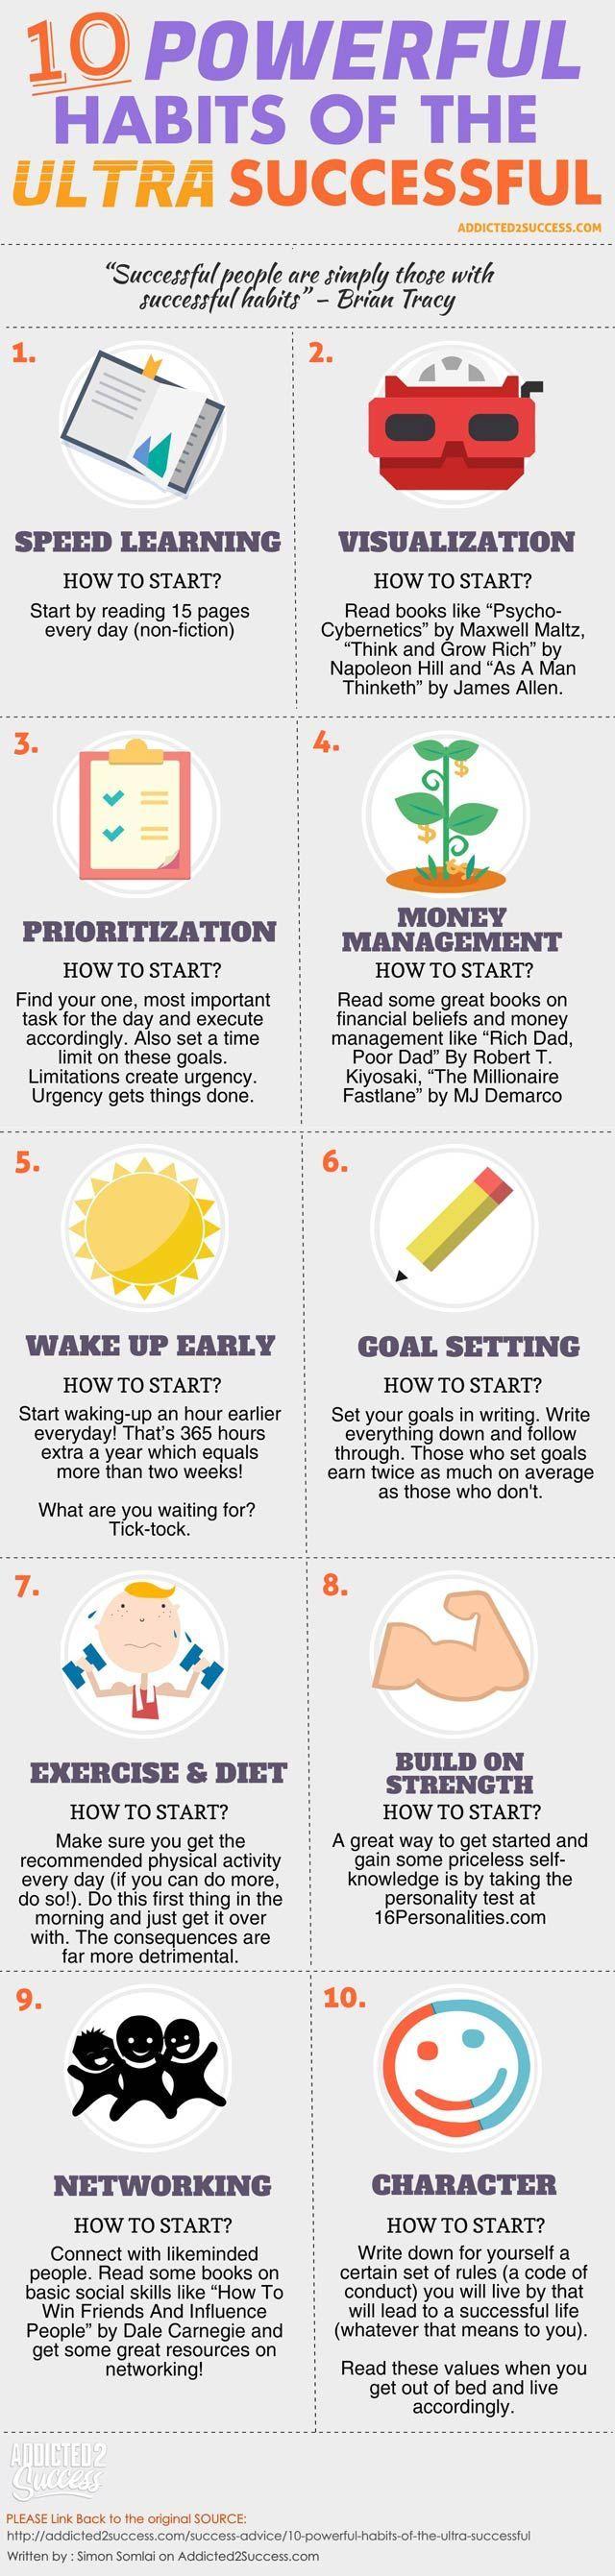 144 Best Entrepreneurship Images On Pinterest | Business Entrepreneur,  Entrepreneurship And DIY